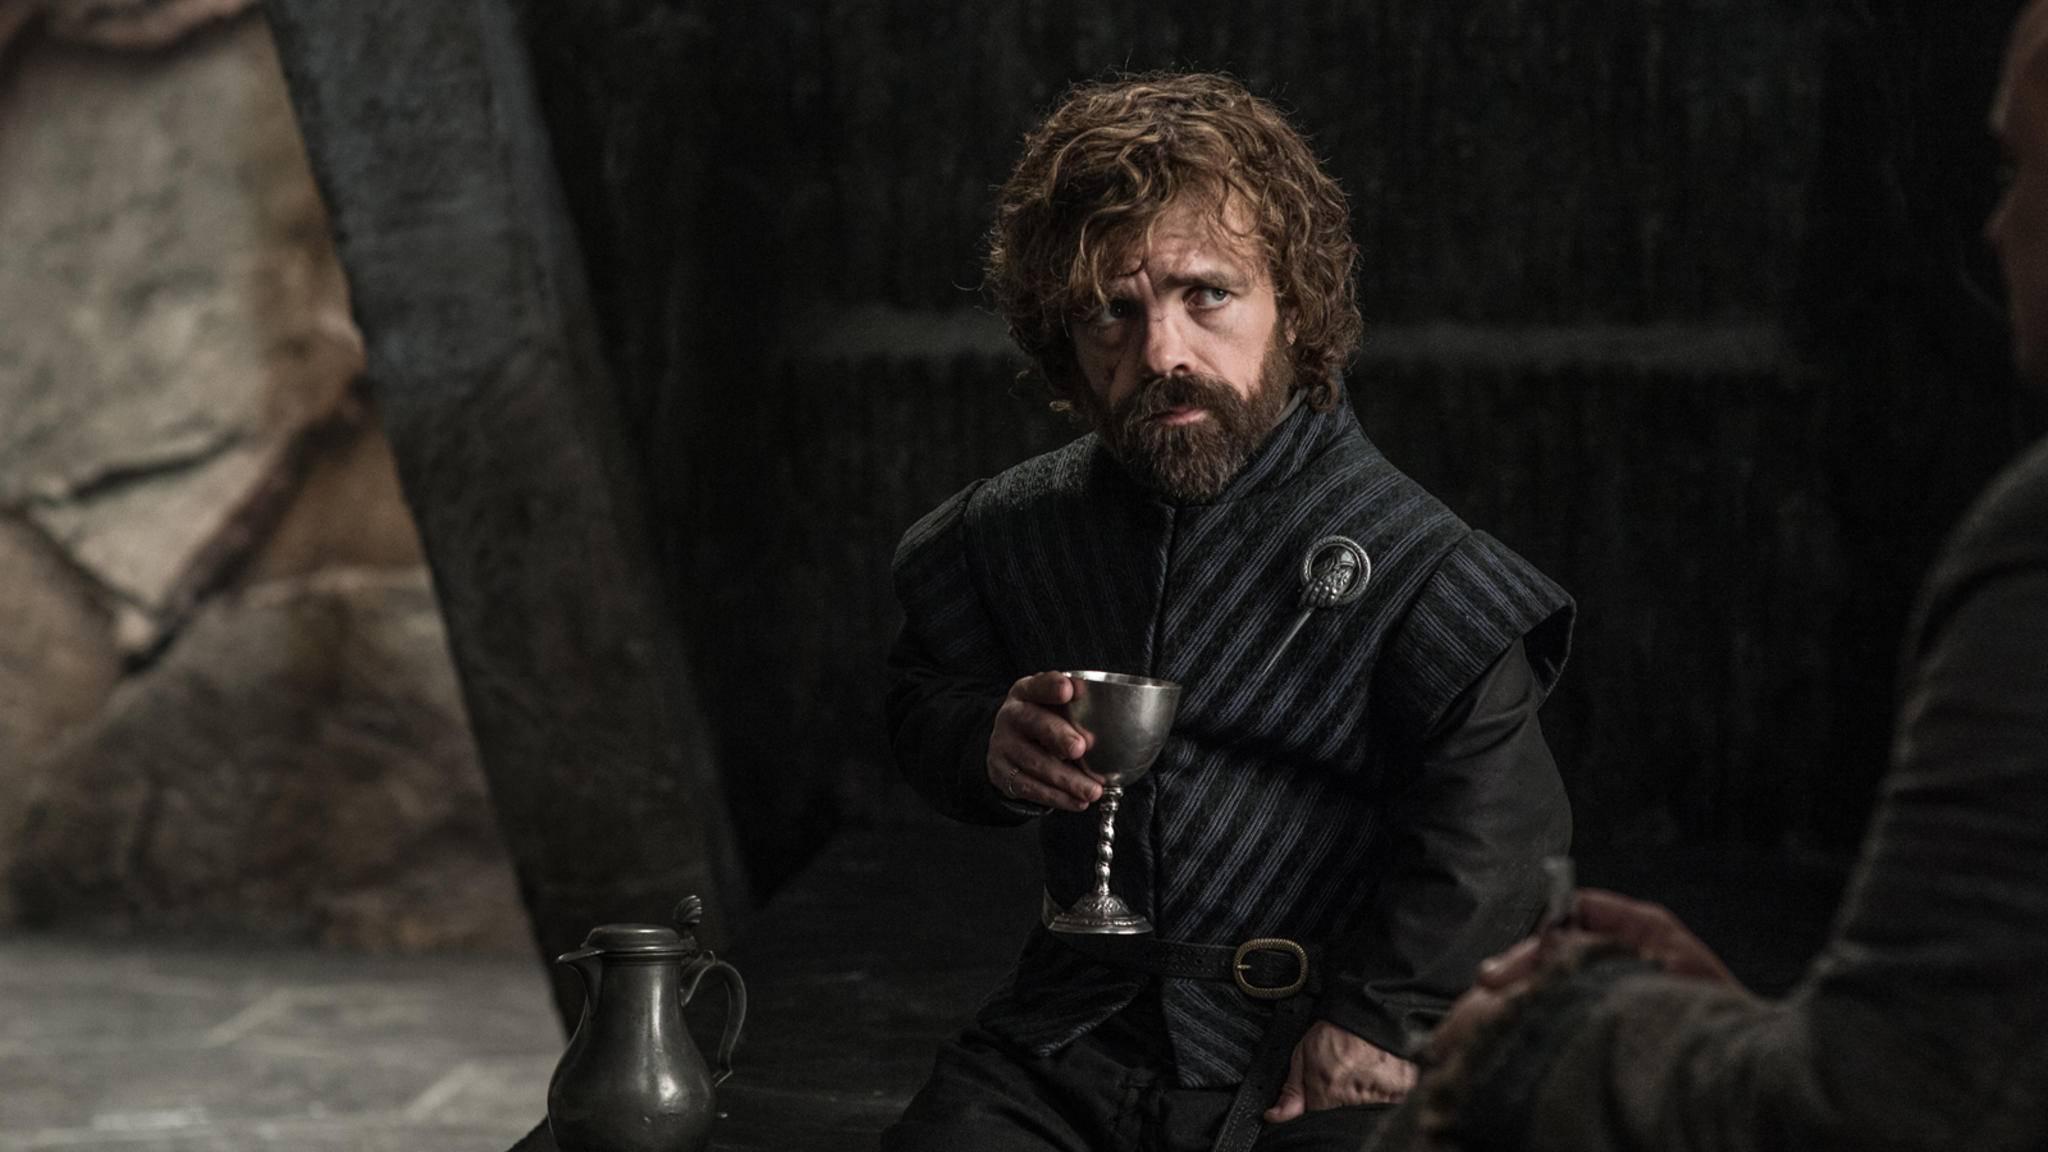 """Darauf einen Becher Wein: Staffel 8 von """"Game of Thrones"""" ist halb abgedreht."""